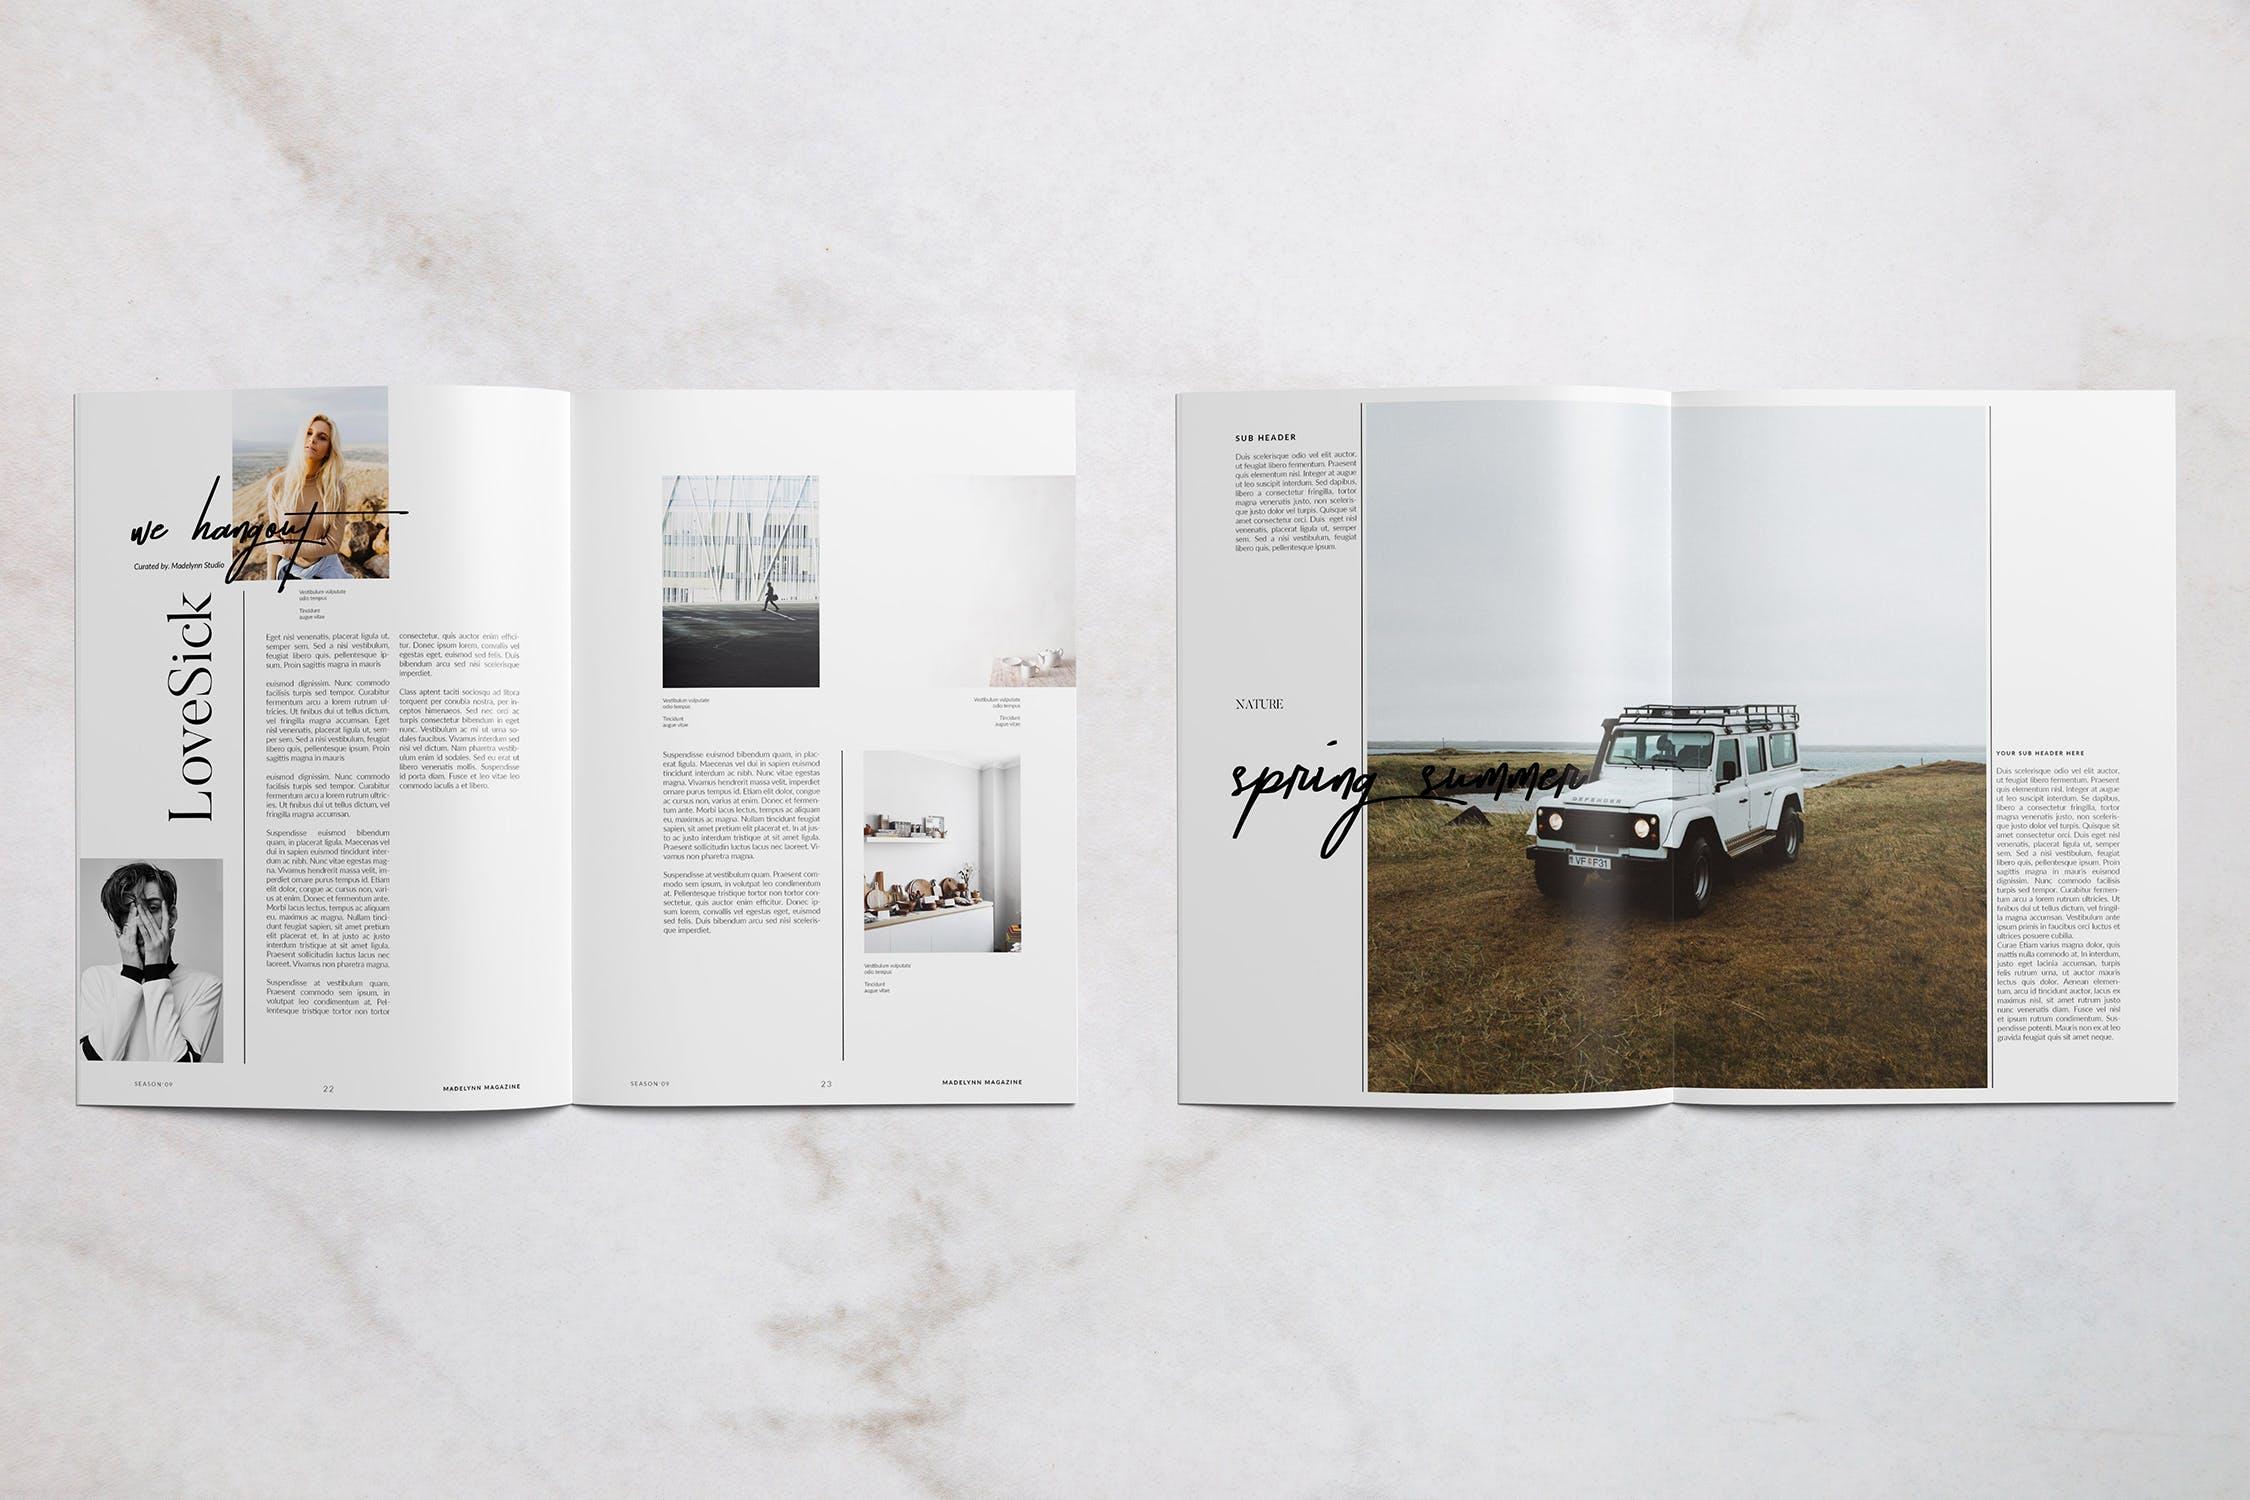 高端女性服装展示杂志样机模板elements-madelynn-magazine-L9ZTMM